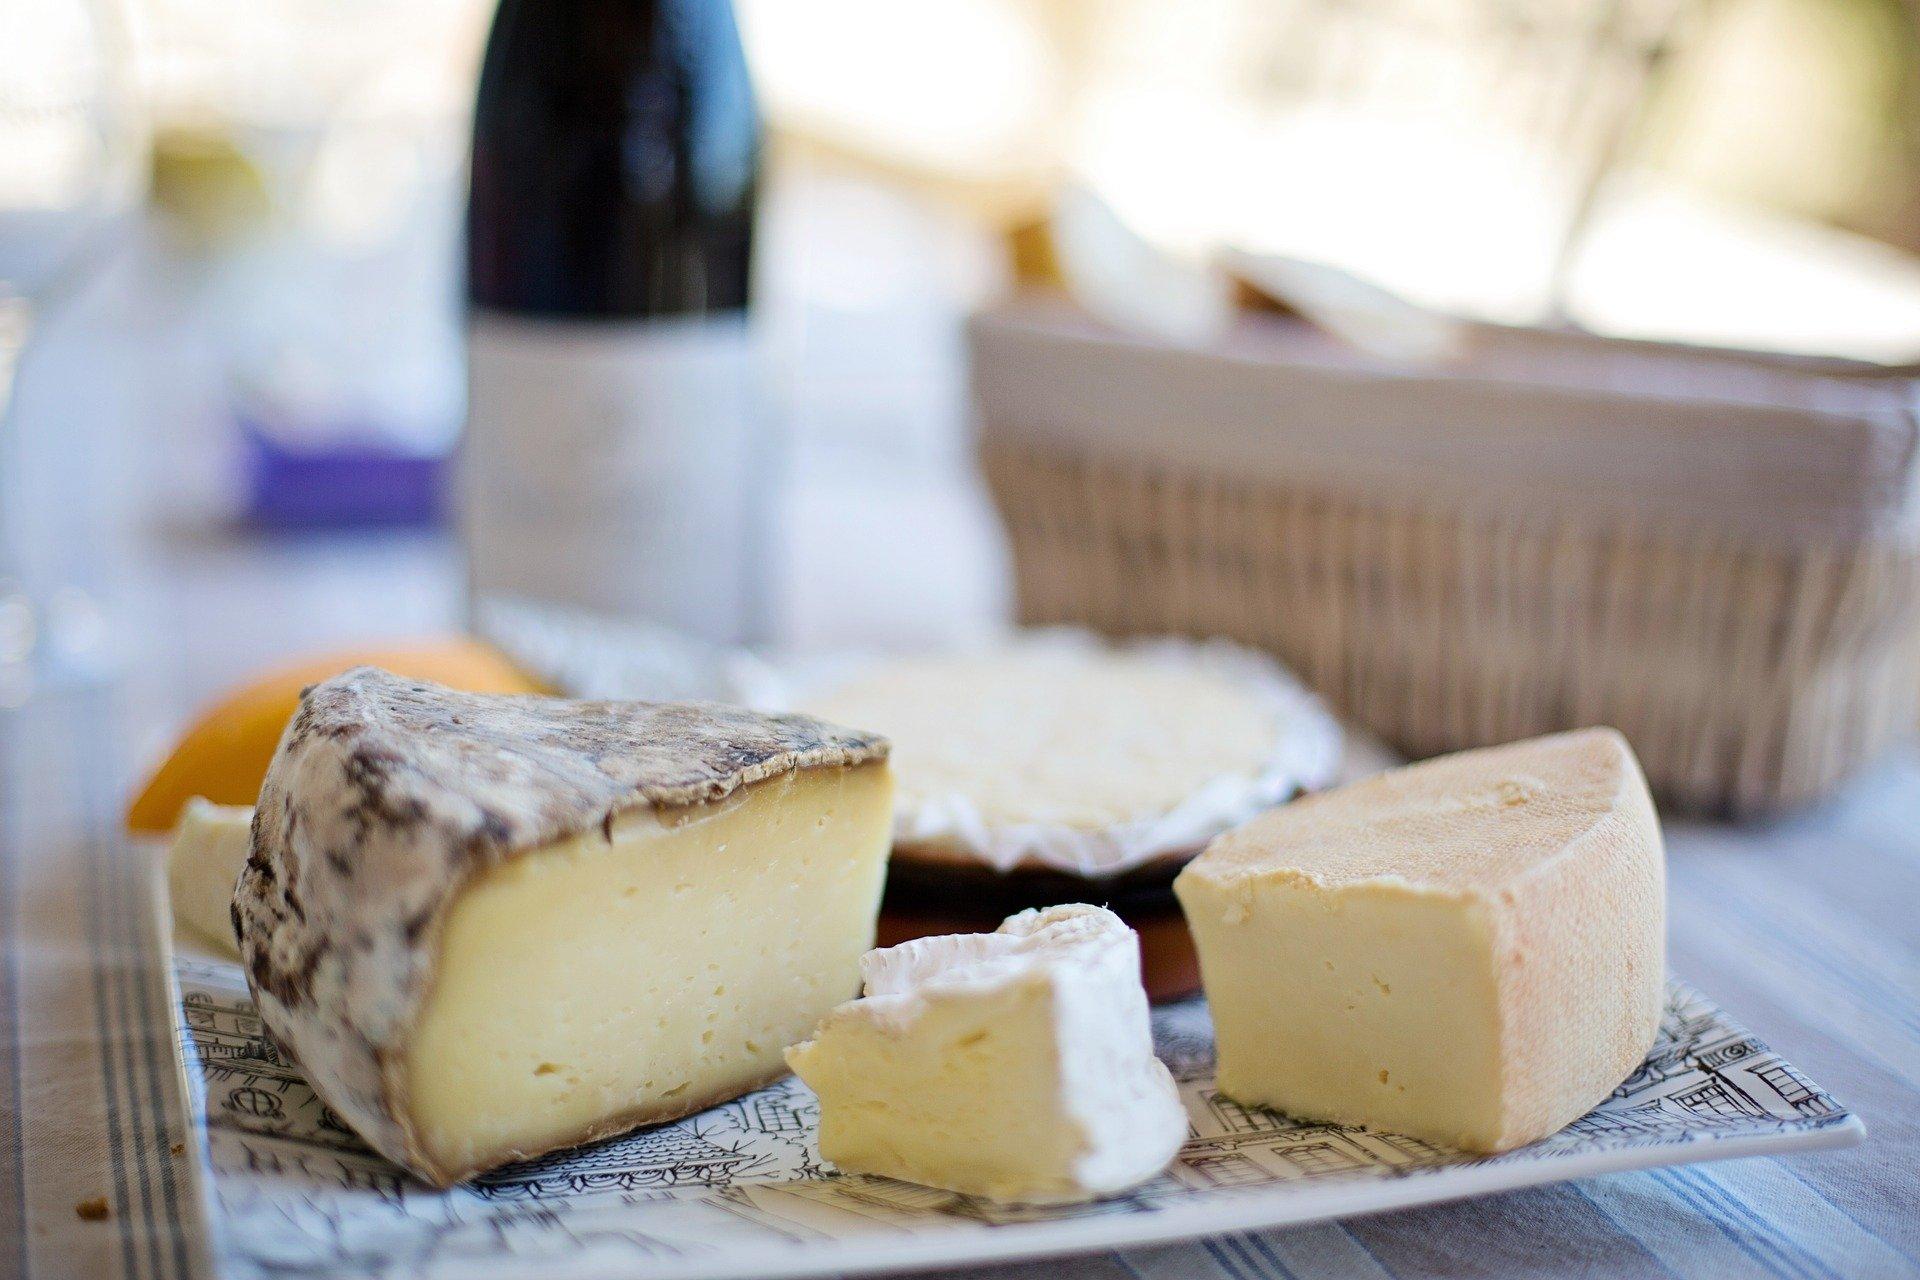 Prato com tipos de queijos diferentes